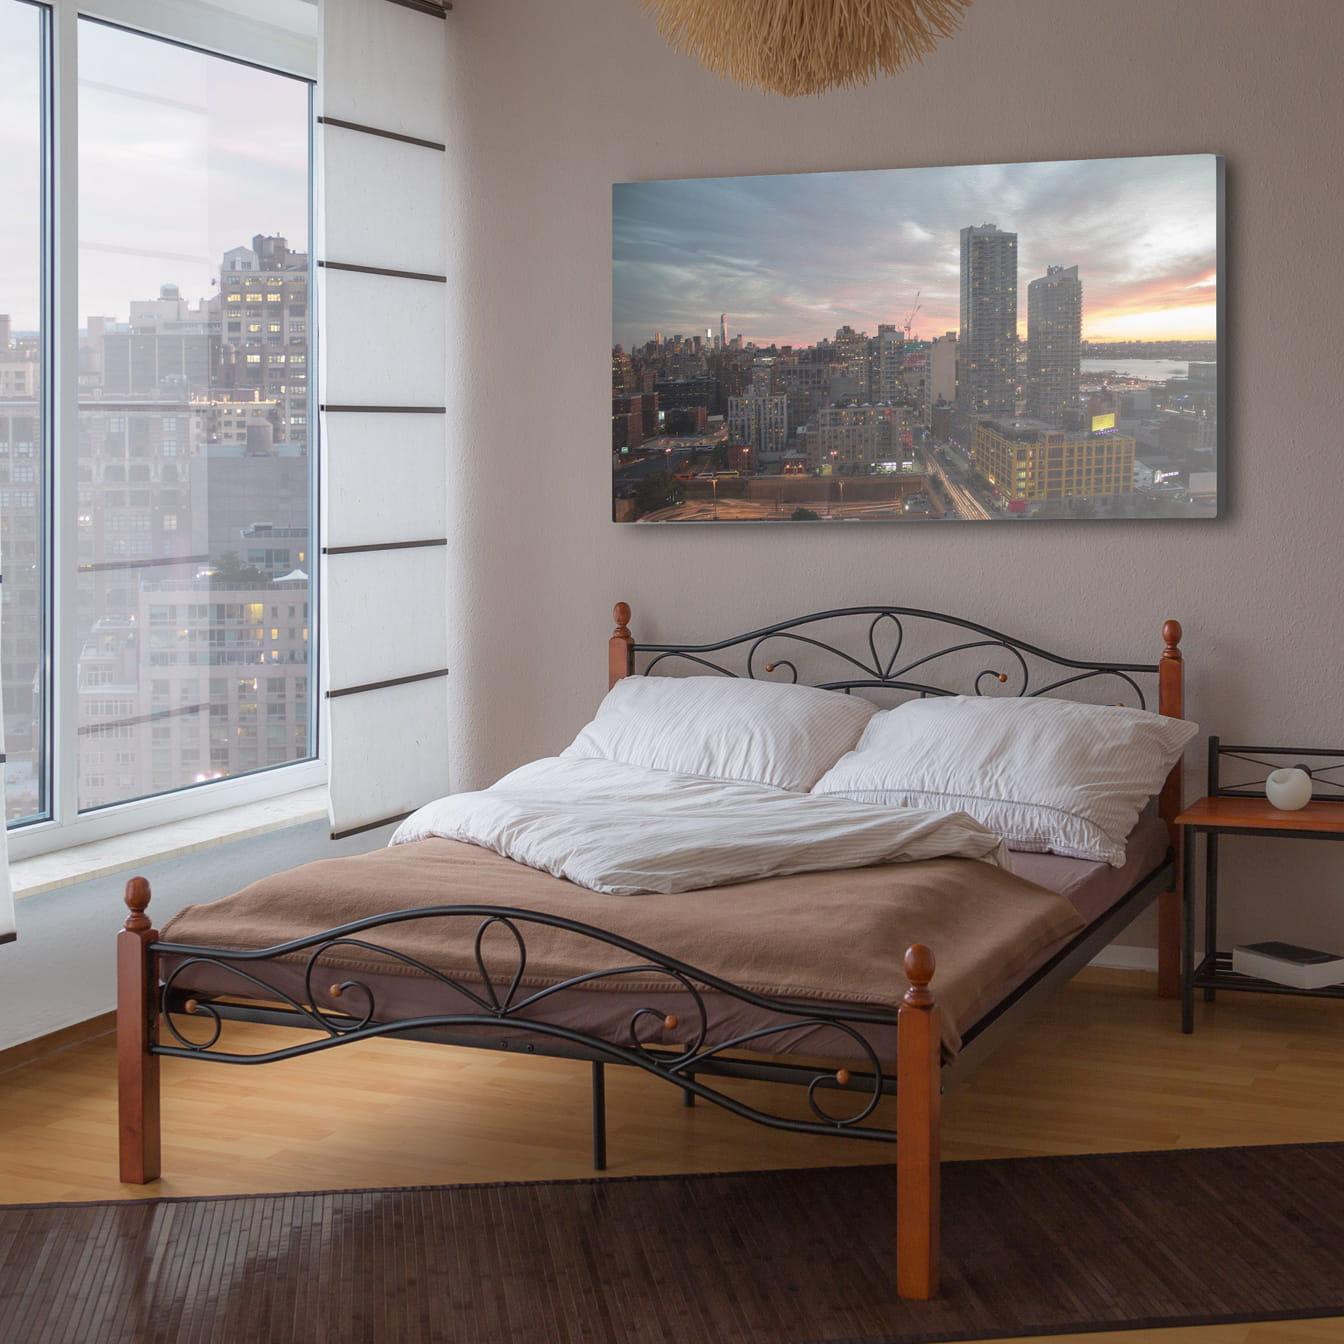 łóżko Metalowe Podwójne 140 X 200 Cm Stelaż